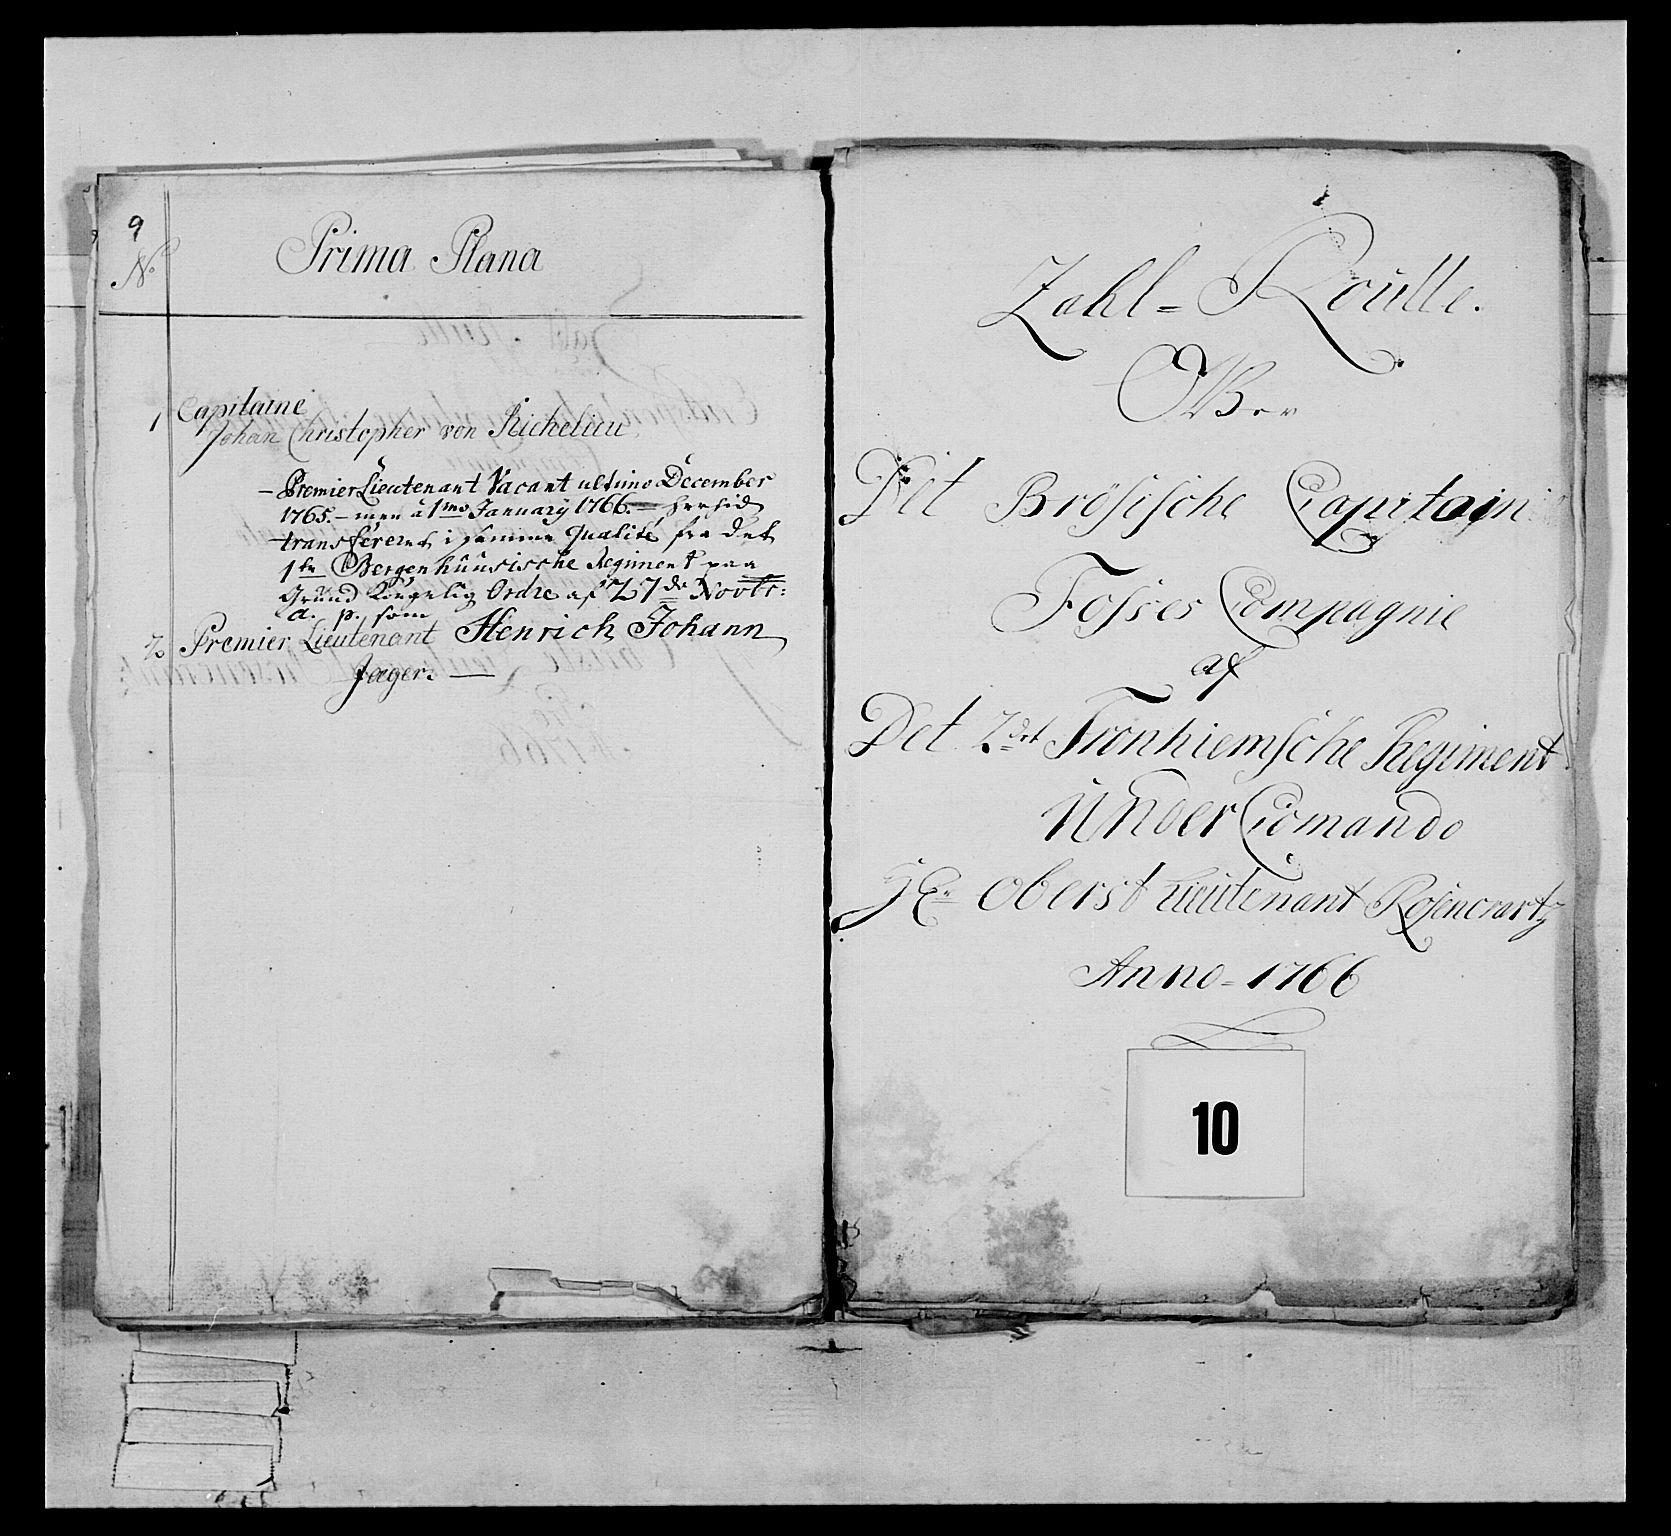 RA, Generalitets- og kommissariatskollegiet, Det kongelige norske kommissariatskollegium, E/Eh/L0076: 2. Trondheimske nasjonale infanteriregiment, 1766-1773, s. 23